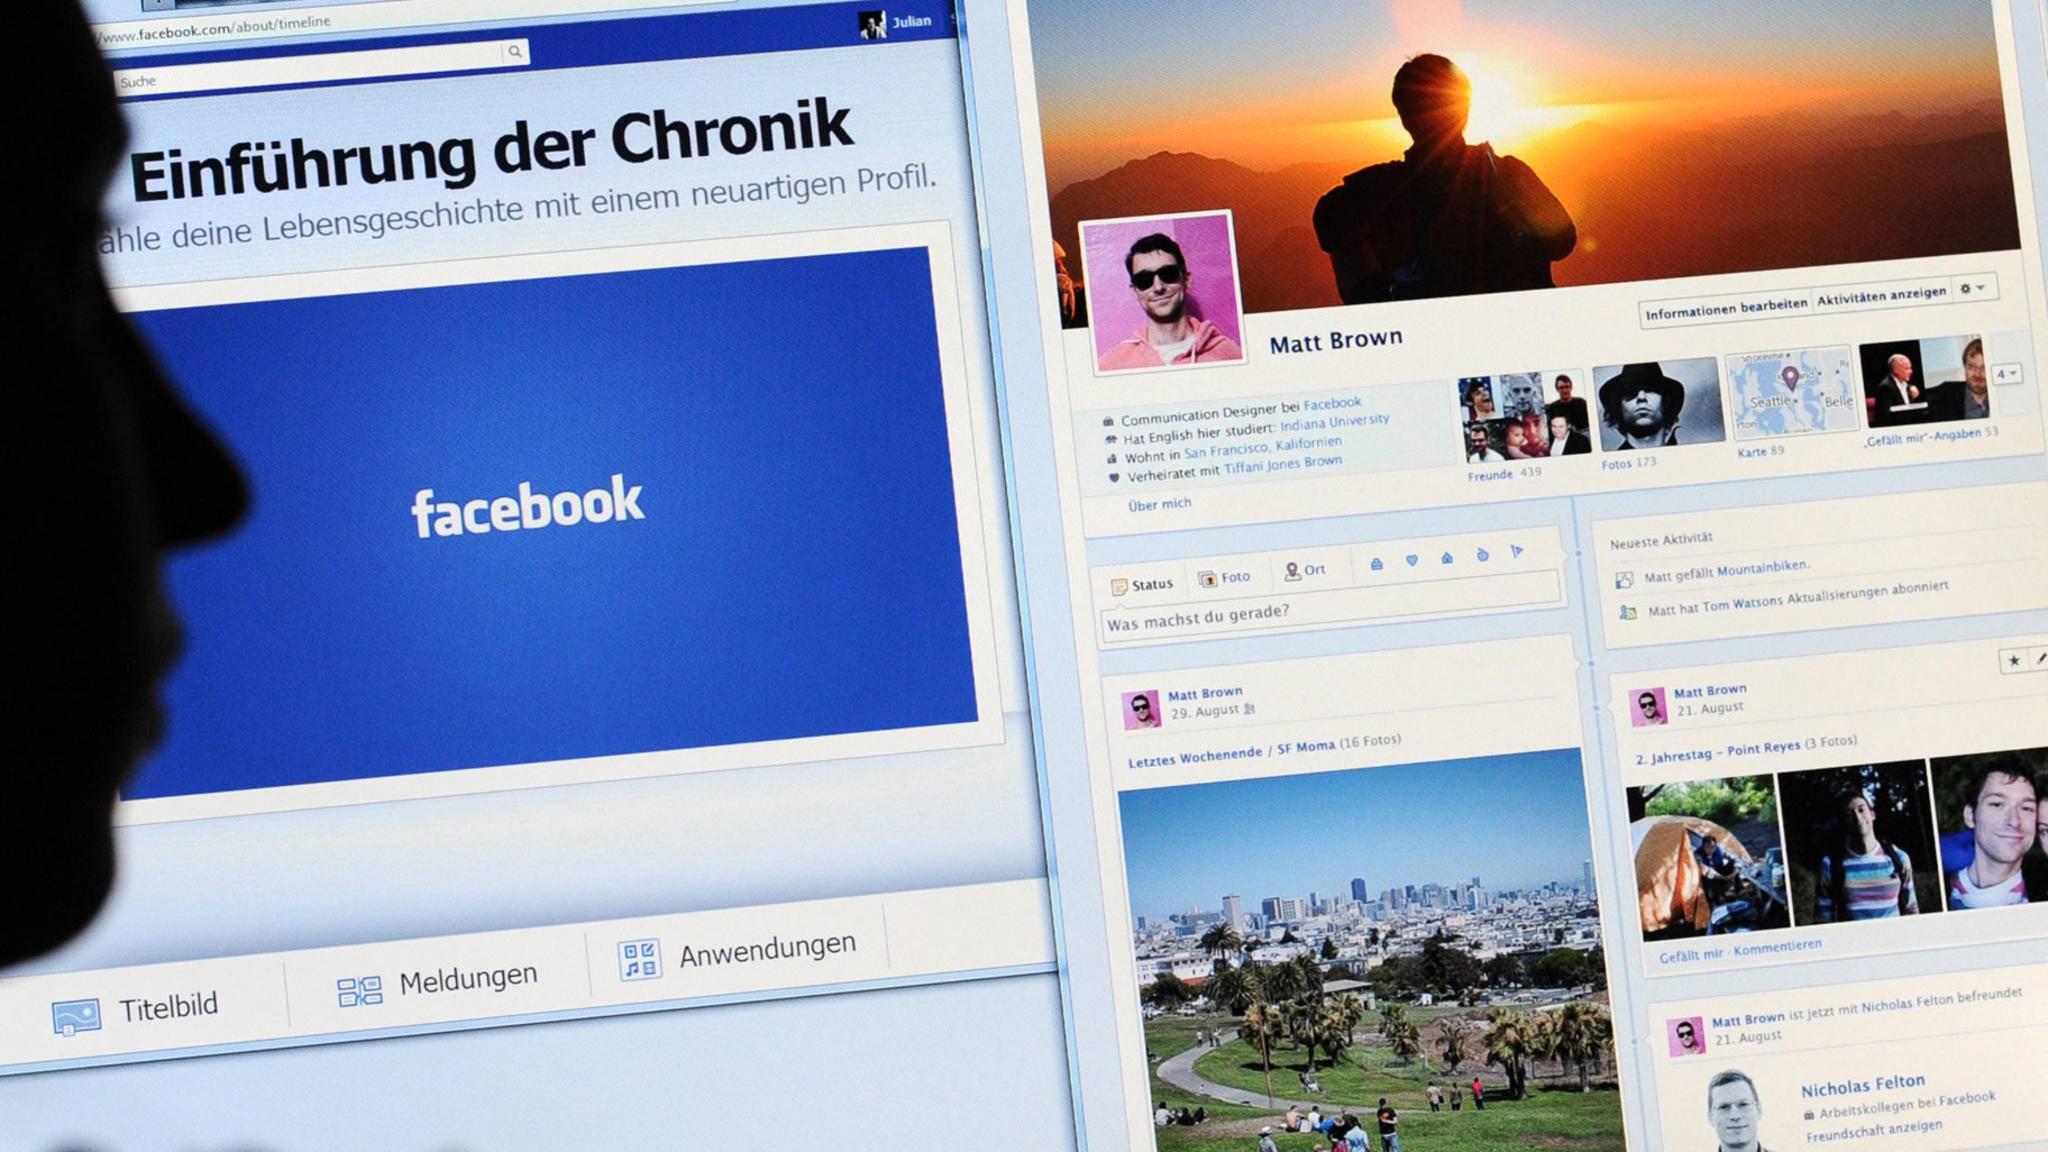 Komplette Facebook-Chronik löschen? Mit einer passenden Browser-Erweiterung kein Problem.